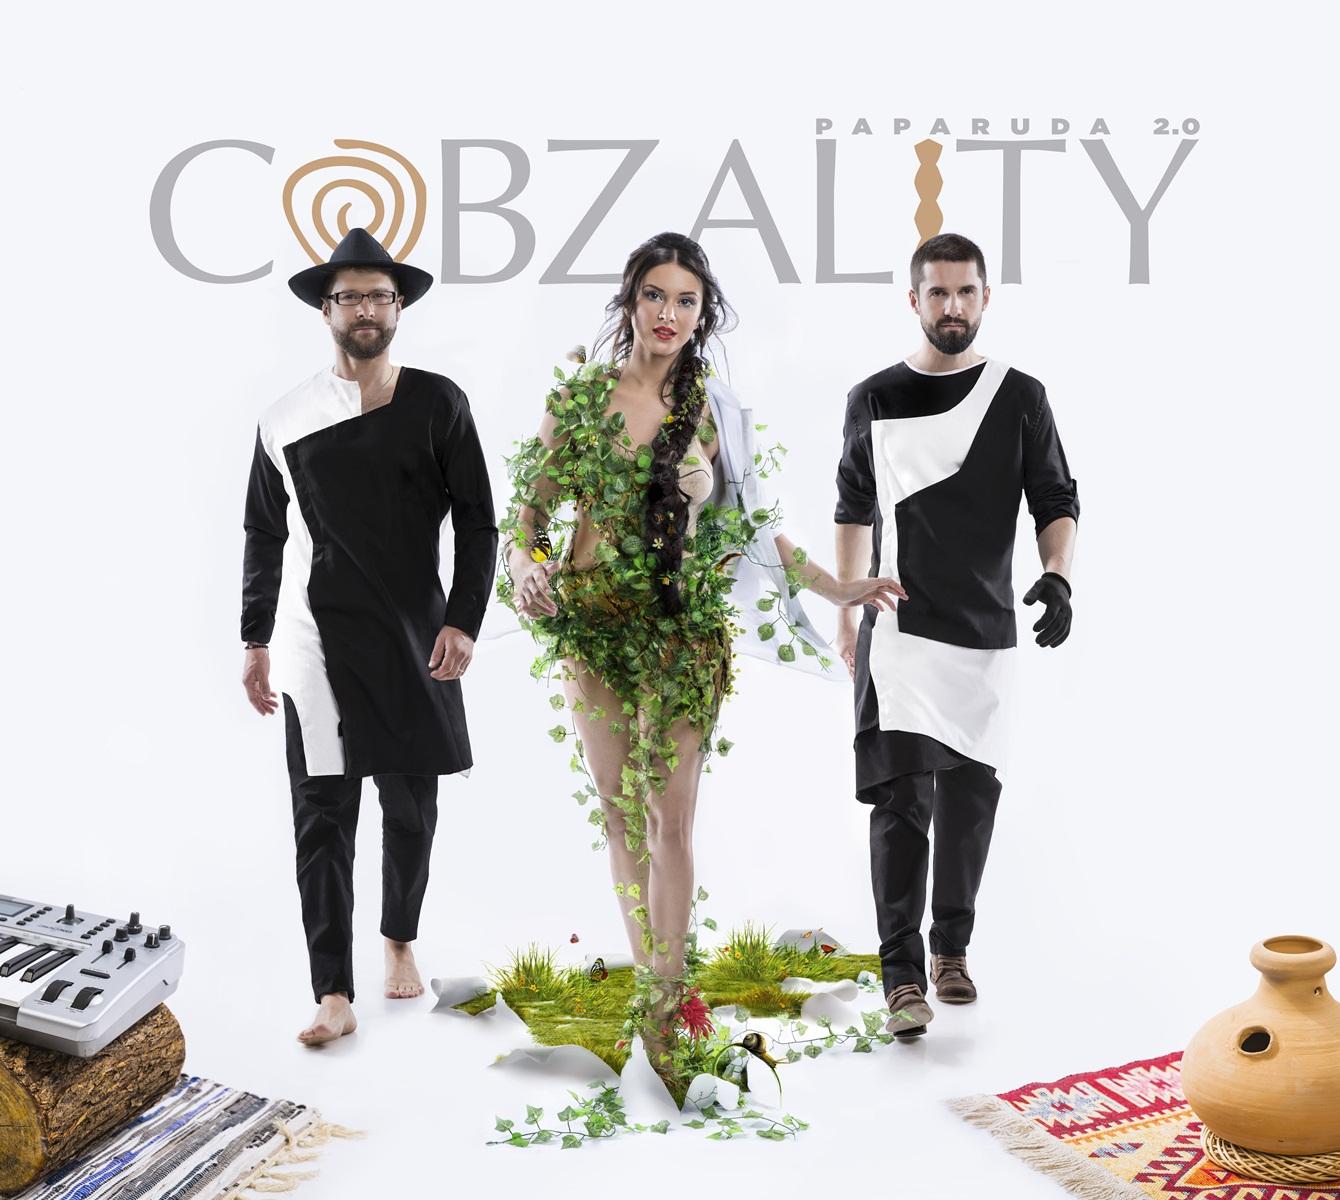 Cobzality